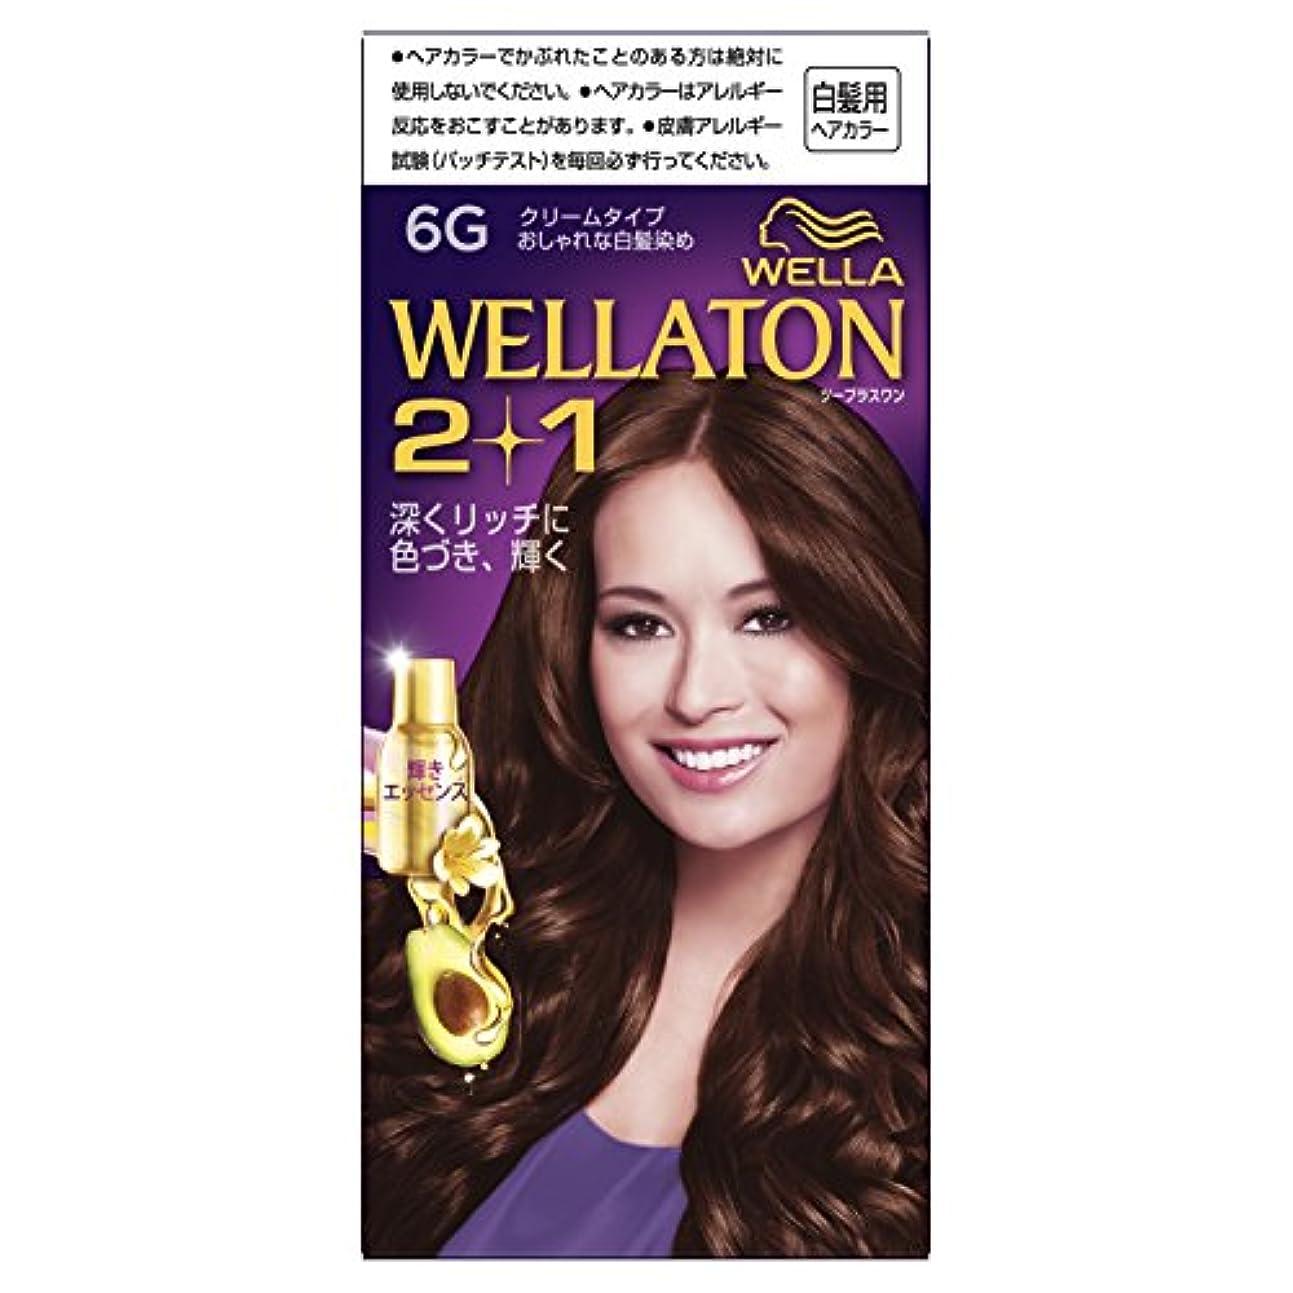 フレア二週間強要ウエラトーン2+1 クリームタイプ 6G [医薬部外品](おしゃれな白髪染め)